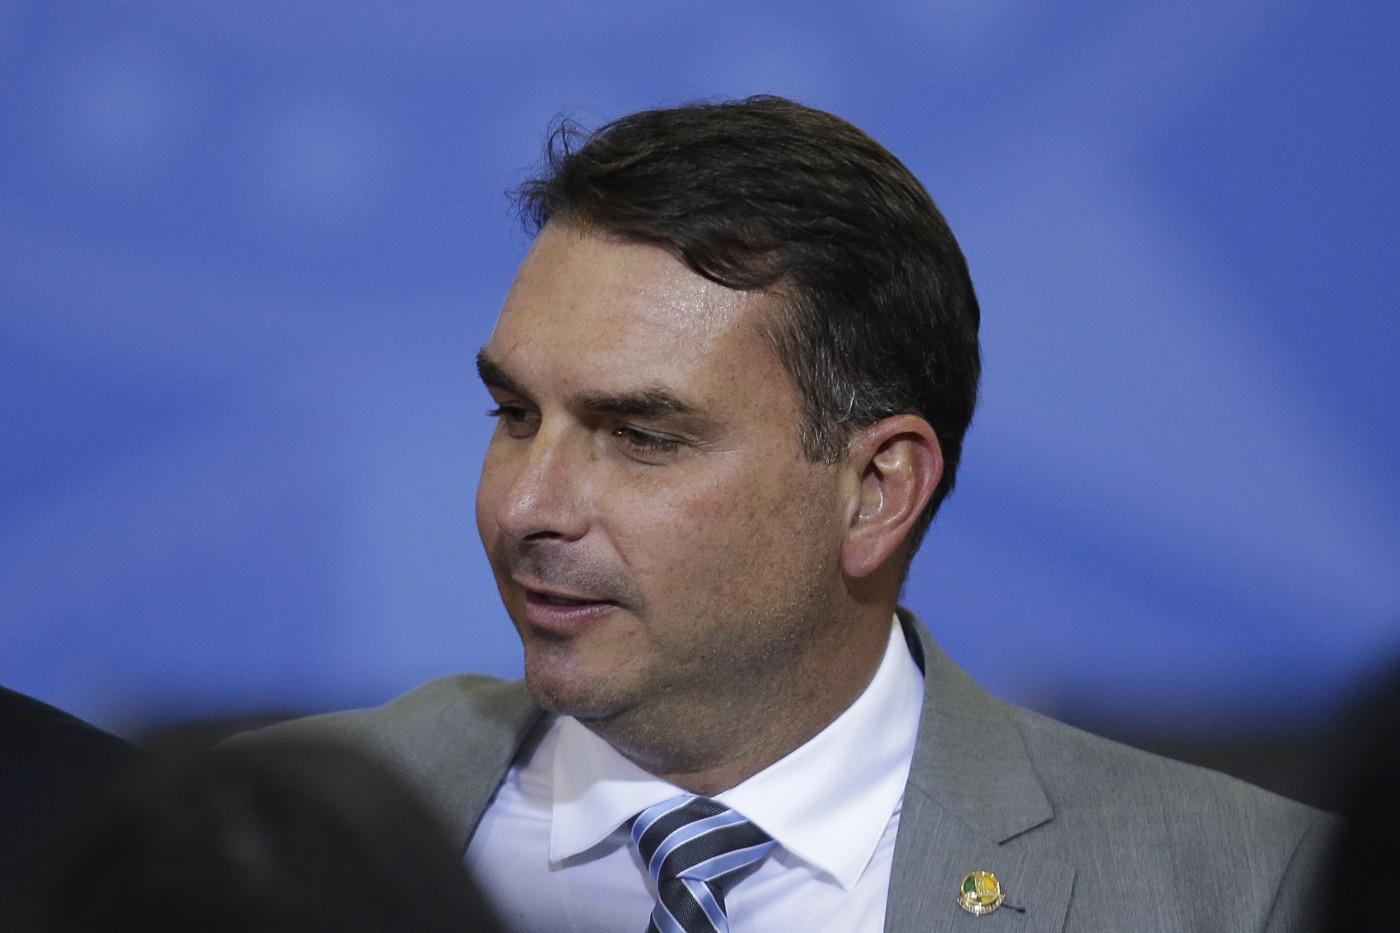 O senador Flávio Bolsonaro olhando para o lado